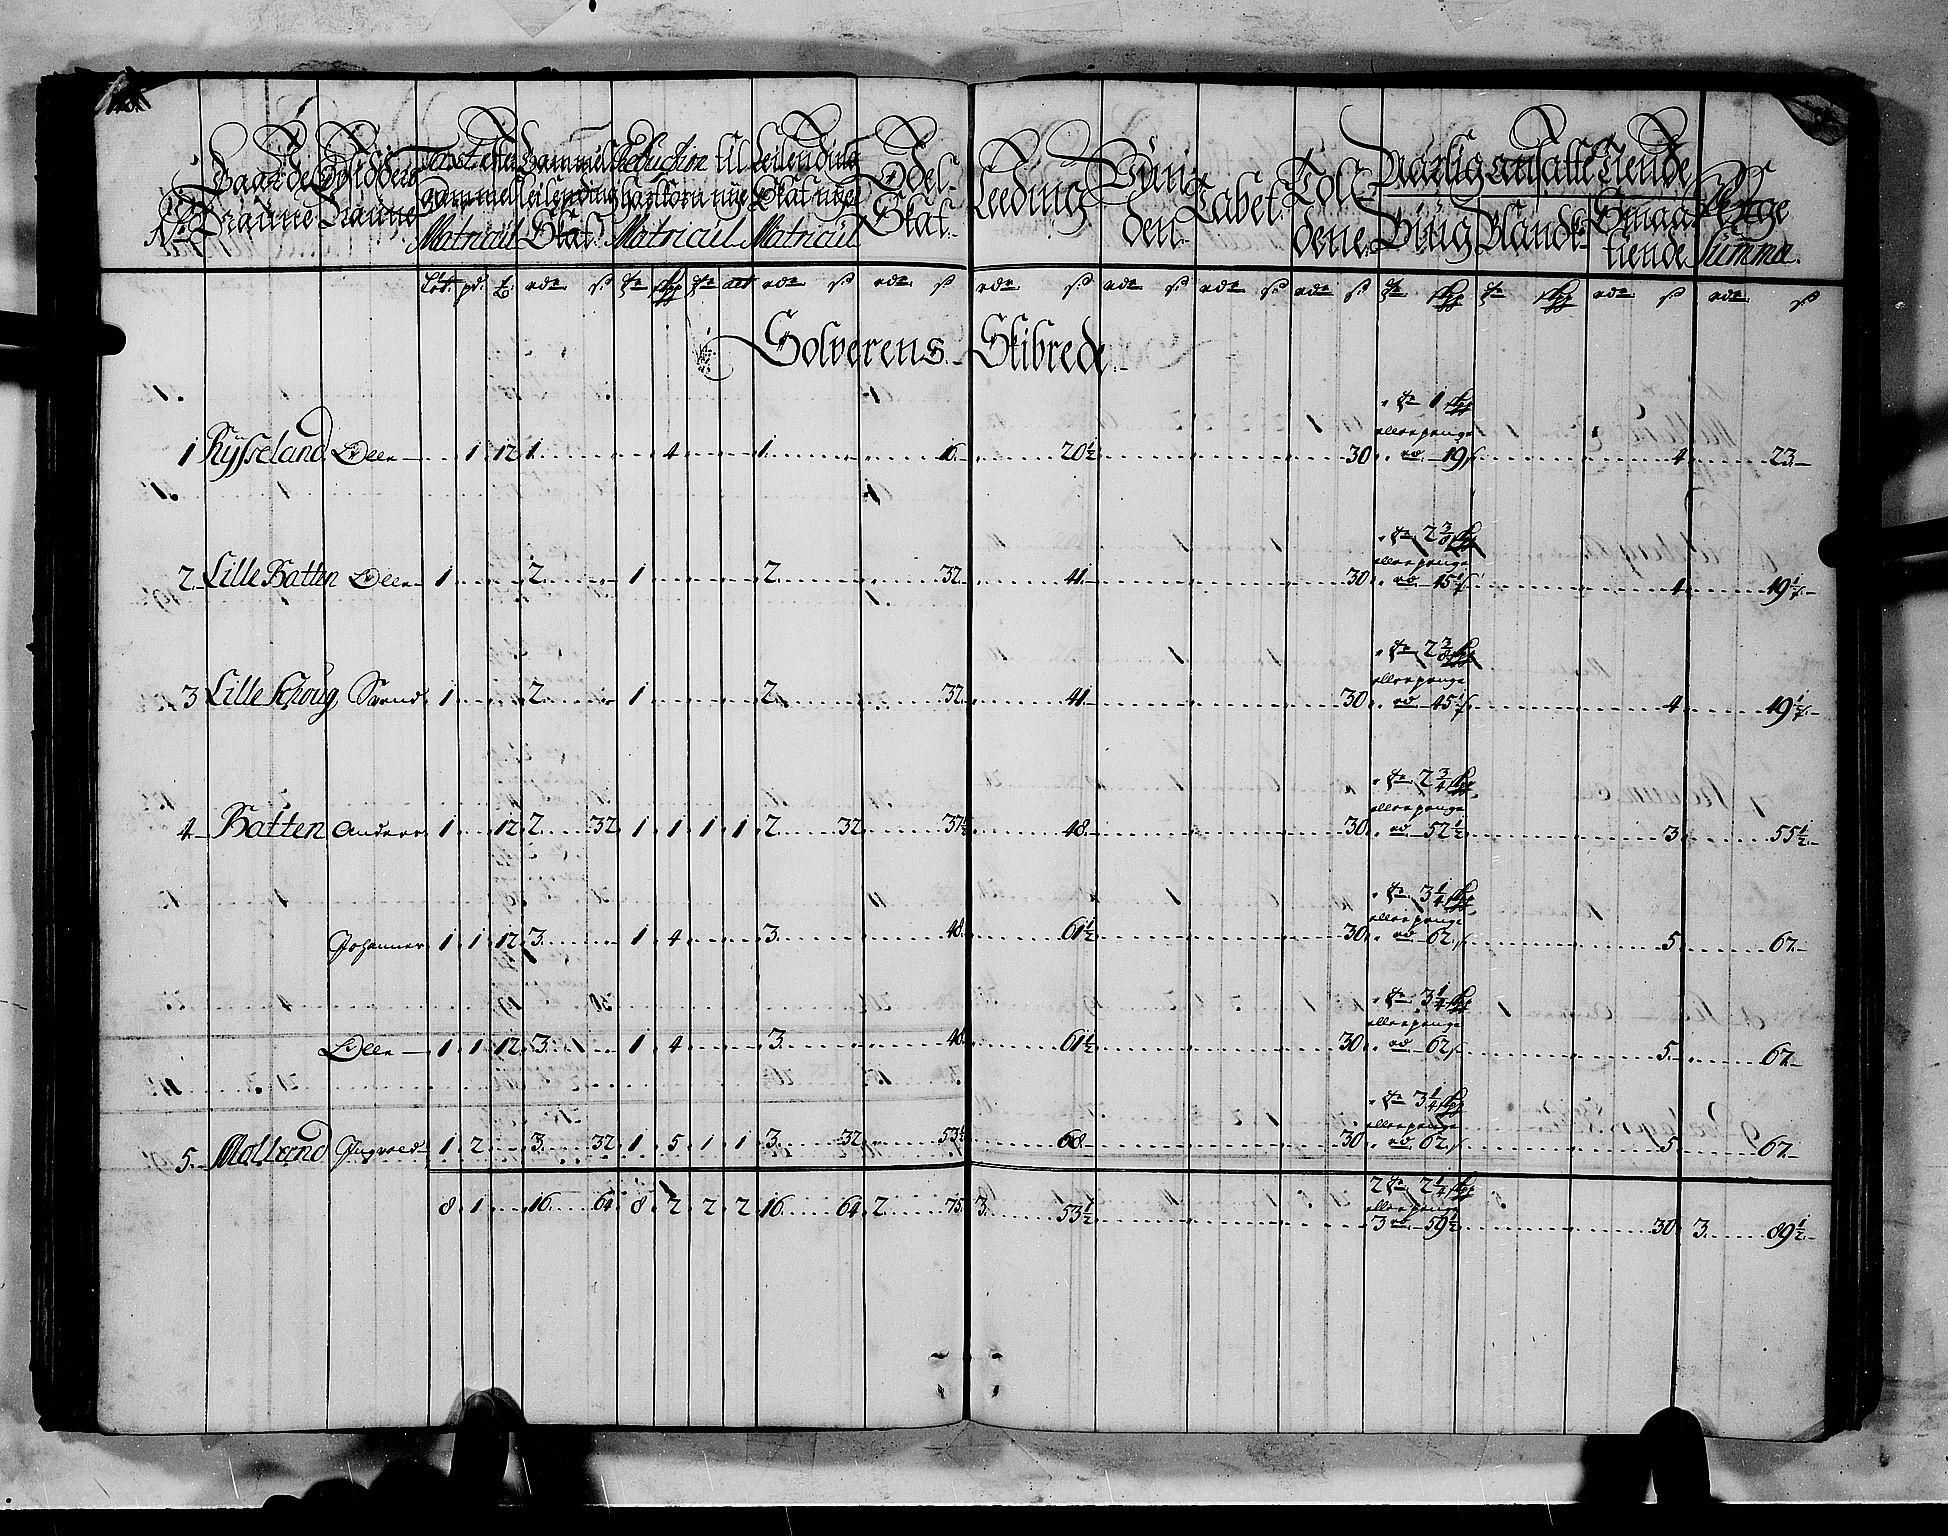 RA, Rentekammeret inntil 1814, Realistisk ordnet avdeling, N/Nb/Nbf/L0144: Indre Sogn matrikkelprotokoll, 1723, s. 148-149